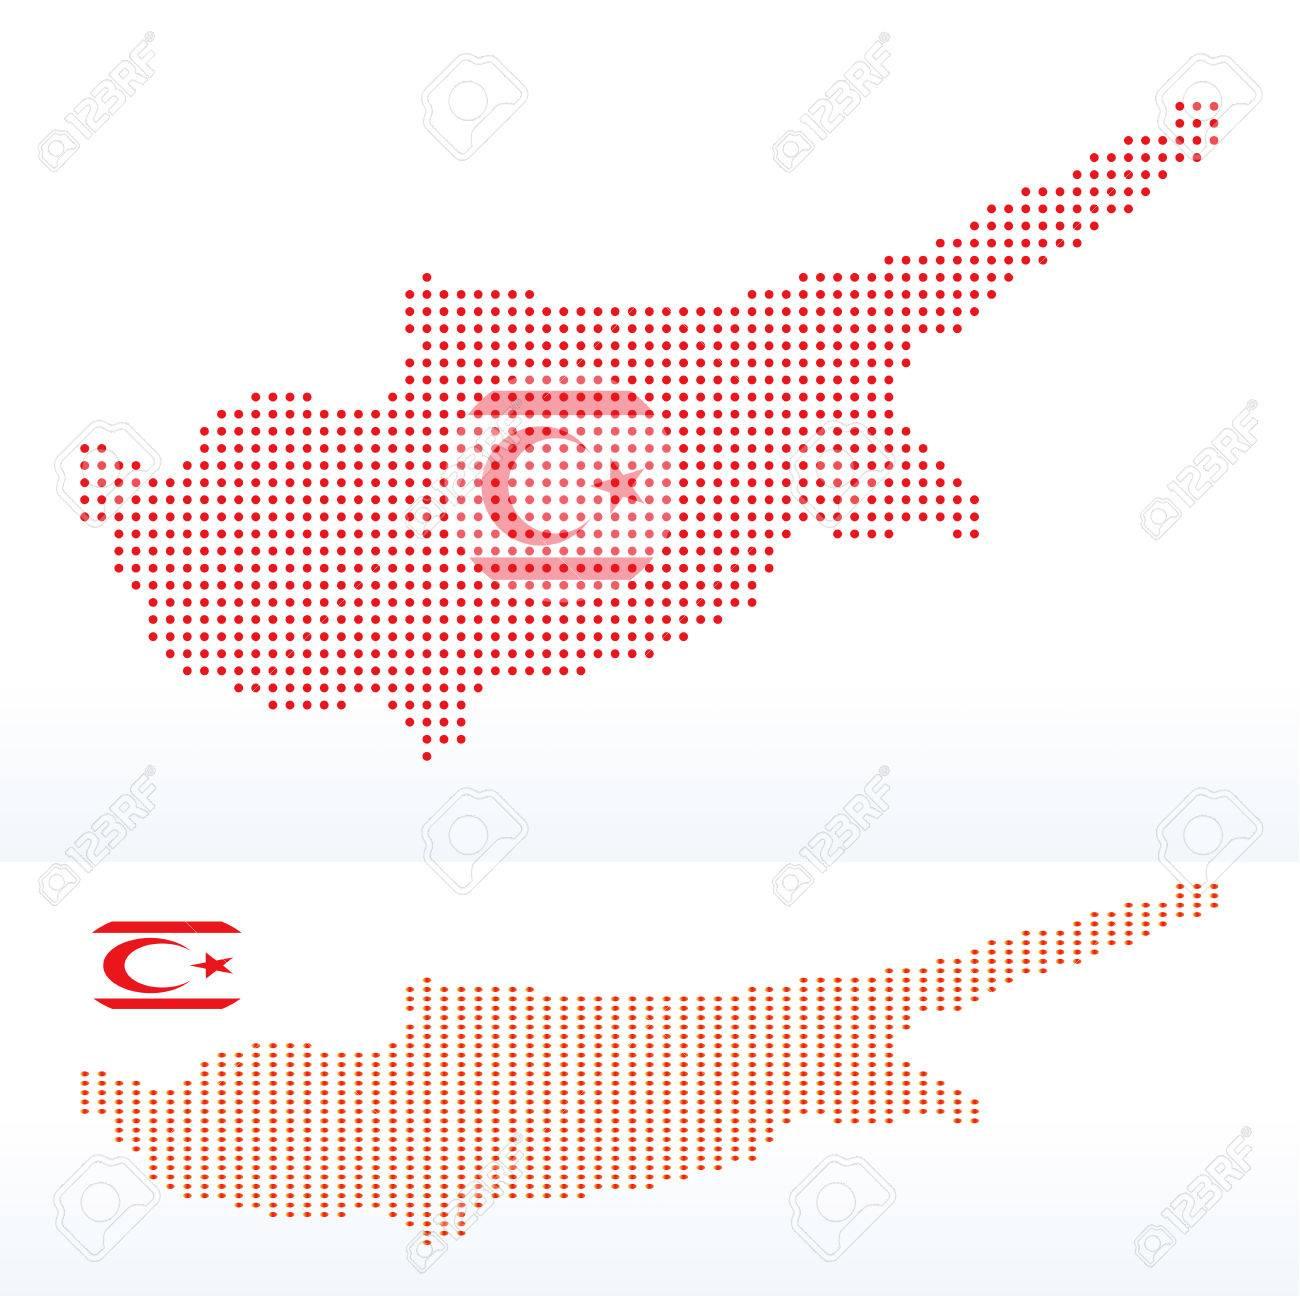 Imagen Vectorial - Mapa De República Turca Del Norte De Chipre Con ...